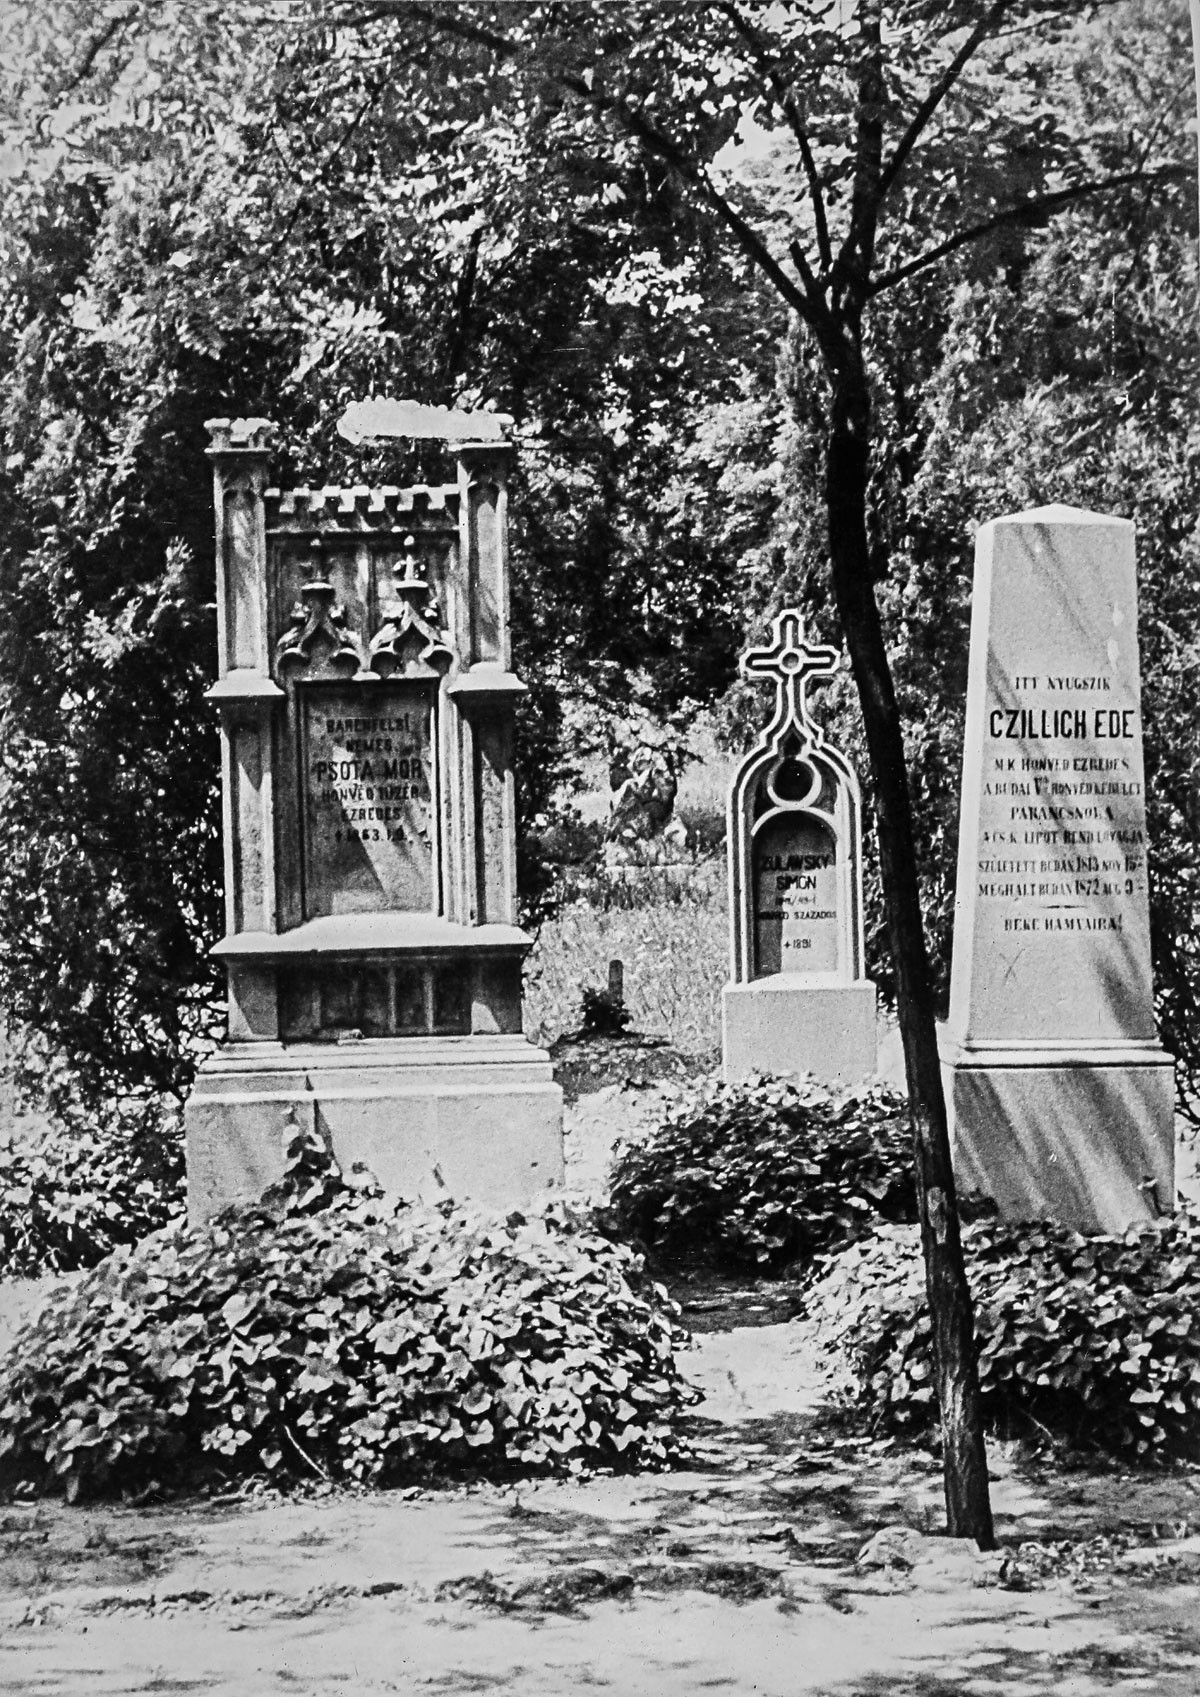 Fénykép őrzi Psota Mór, Zulawsky Simon és Chillich Ede (Eduárd) egykori sírját a Németvölgyi temetőkertben